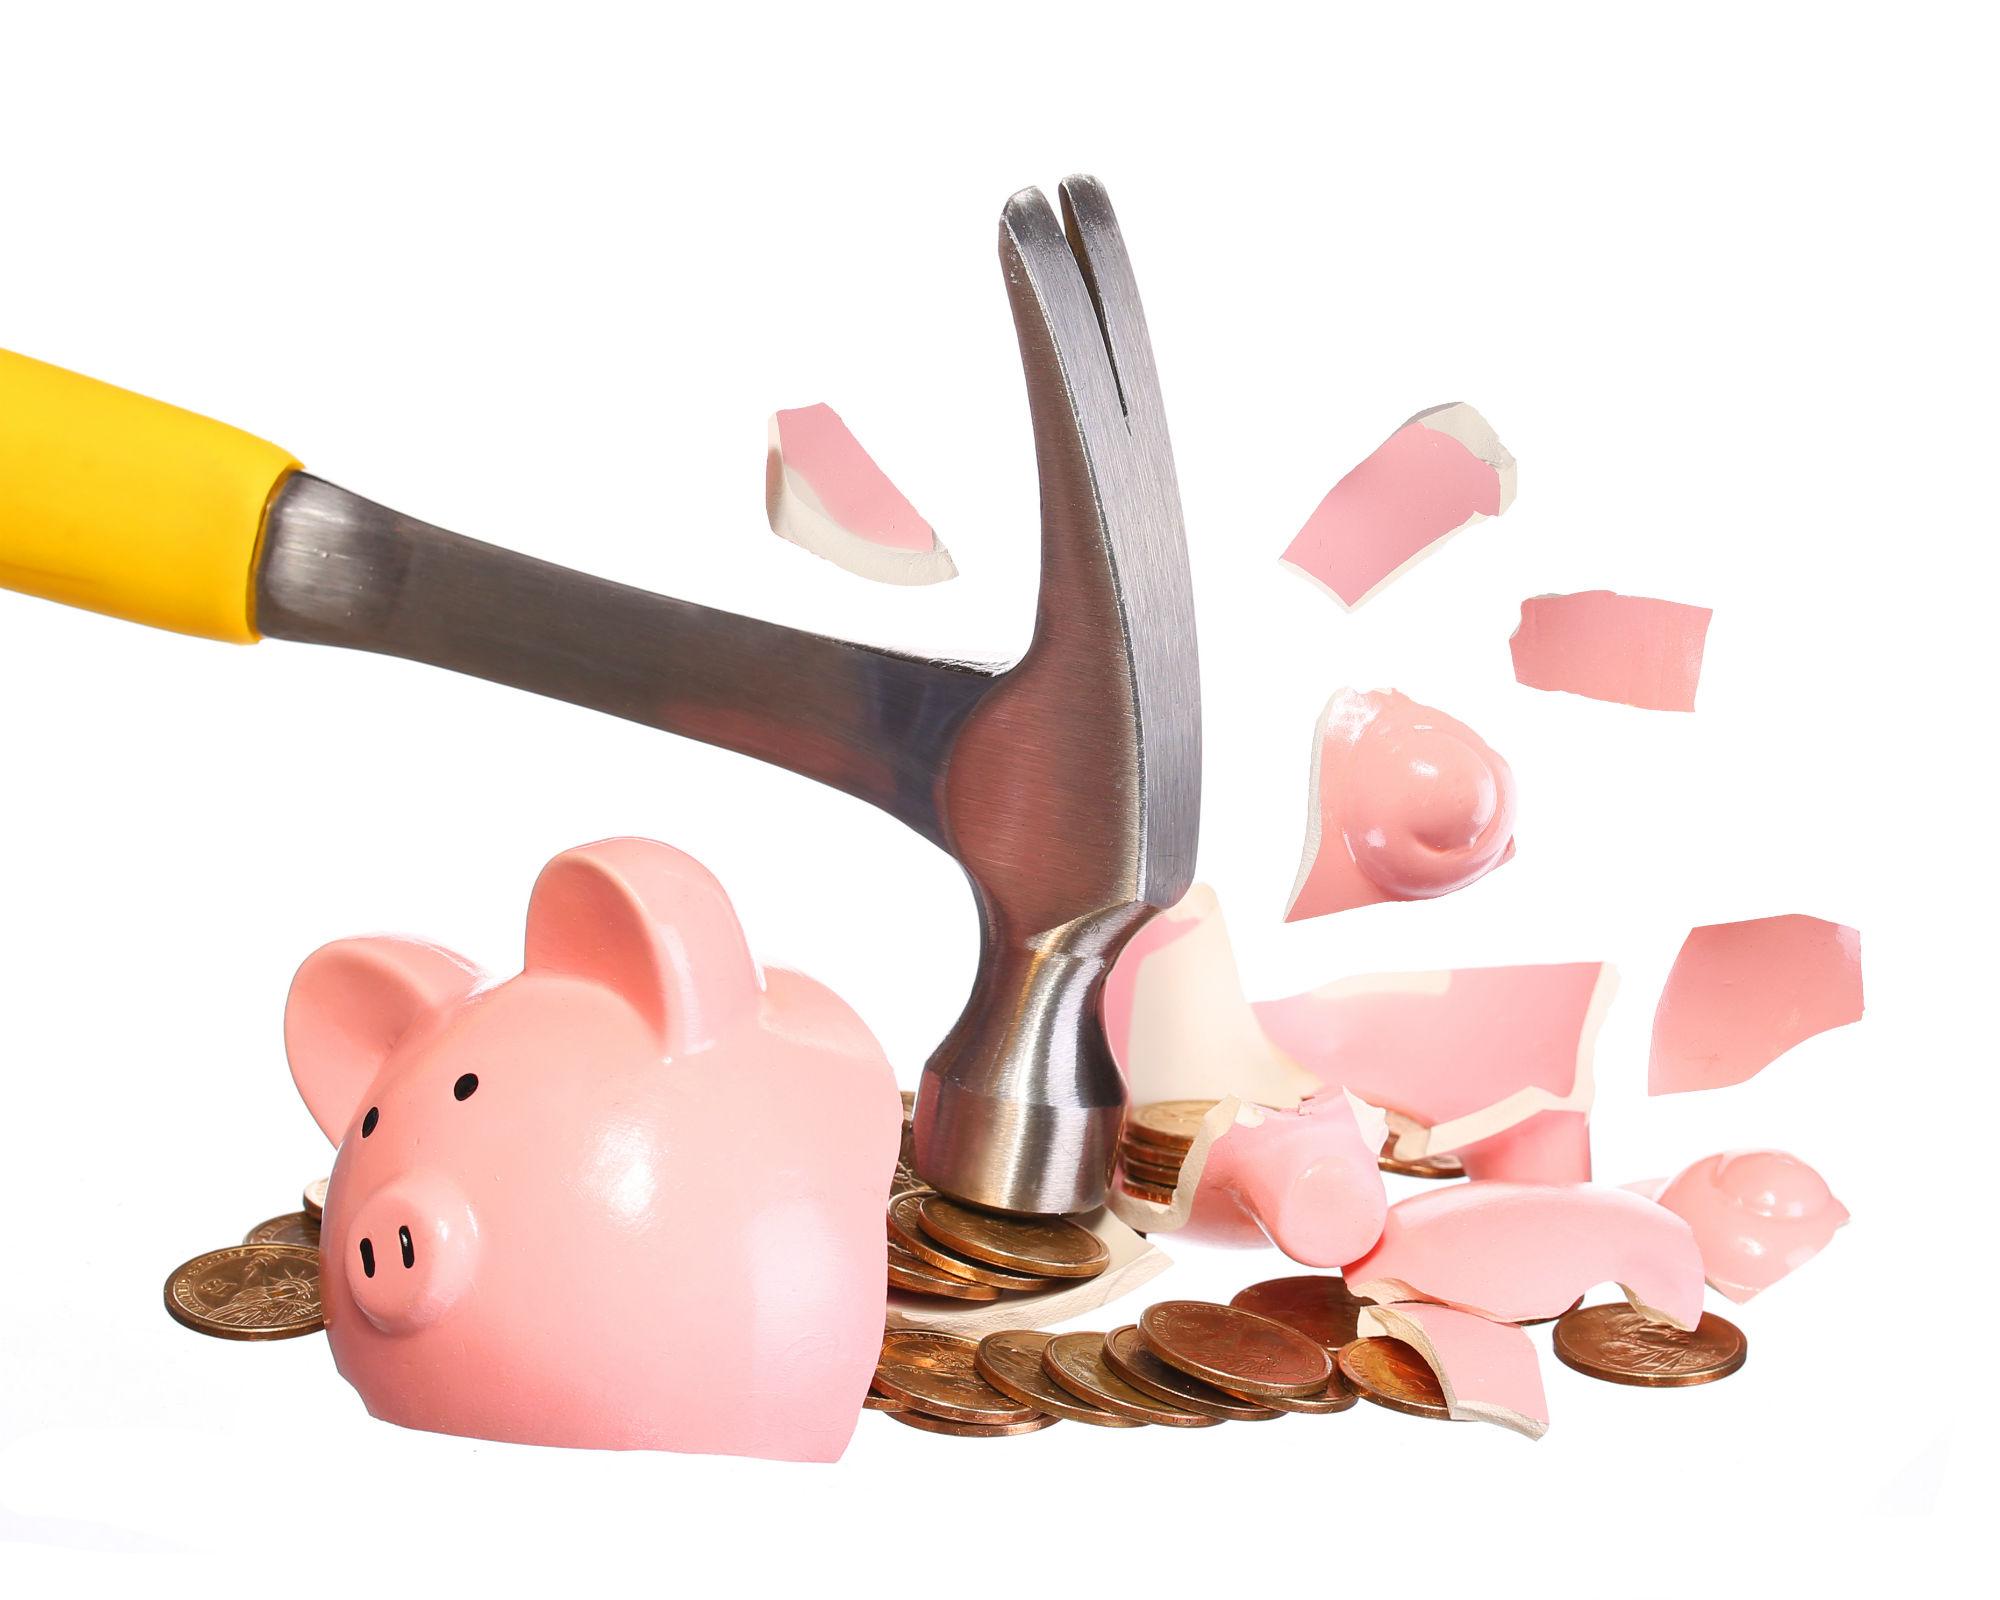 broken piggy bank, coins, money, hammer